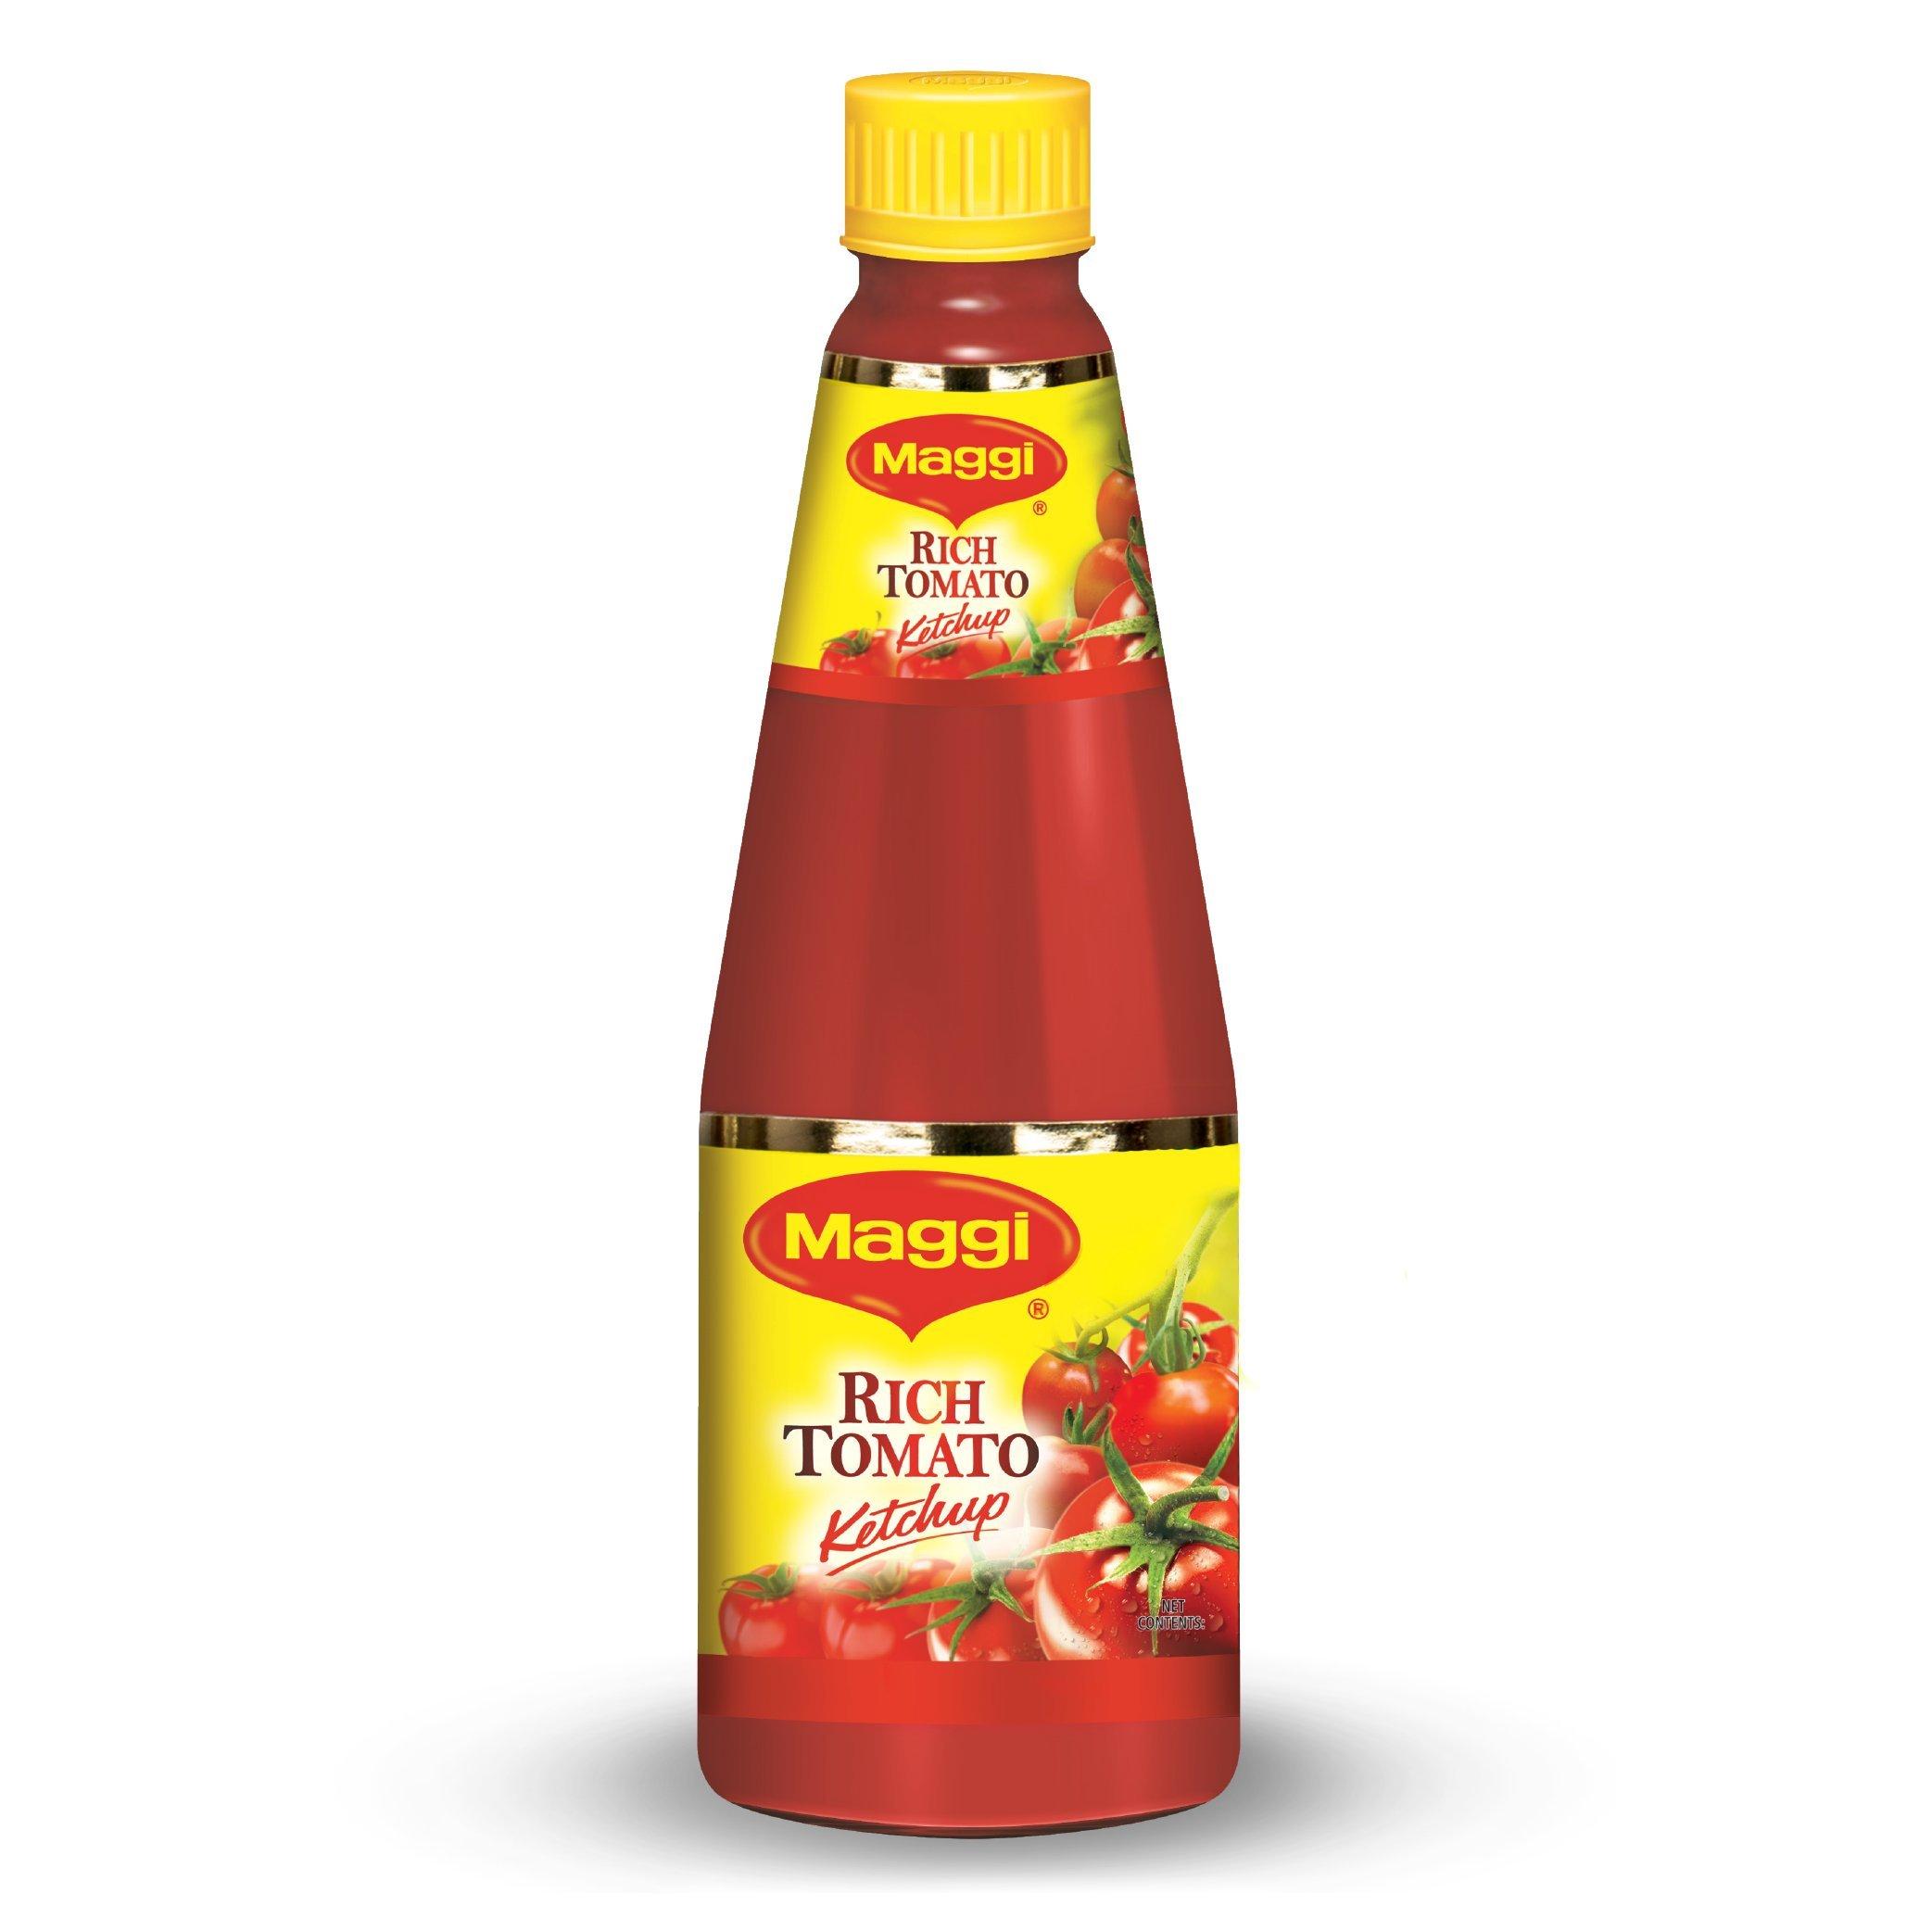 Maggi, Rich Tomato Ketchup, 1 Kilogram(kg)